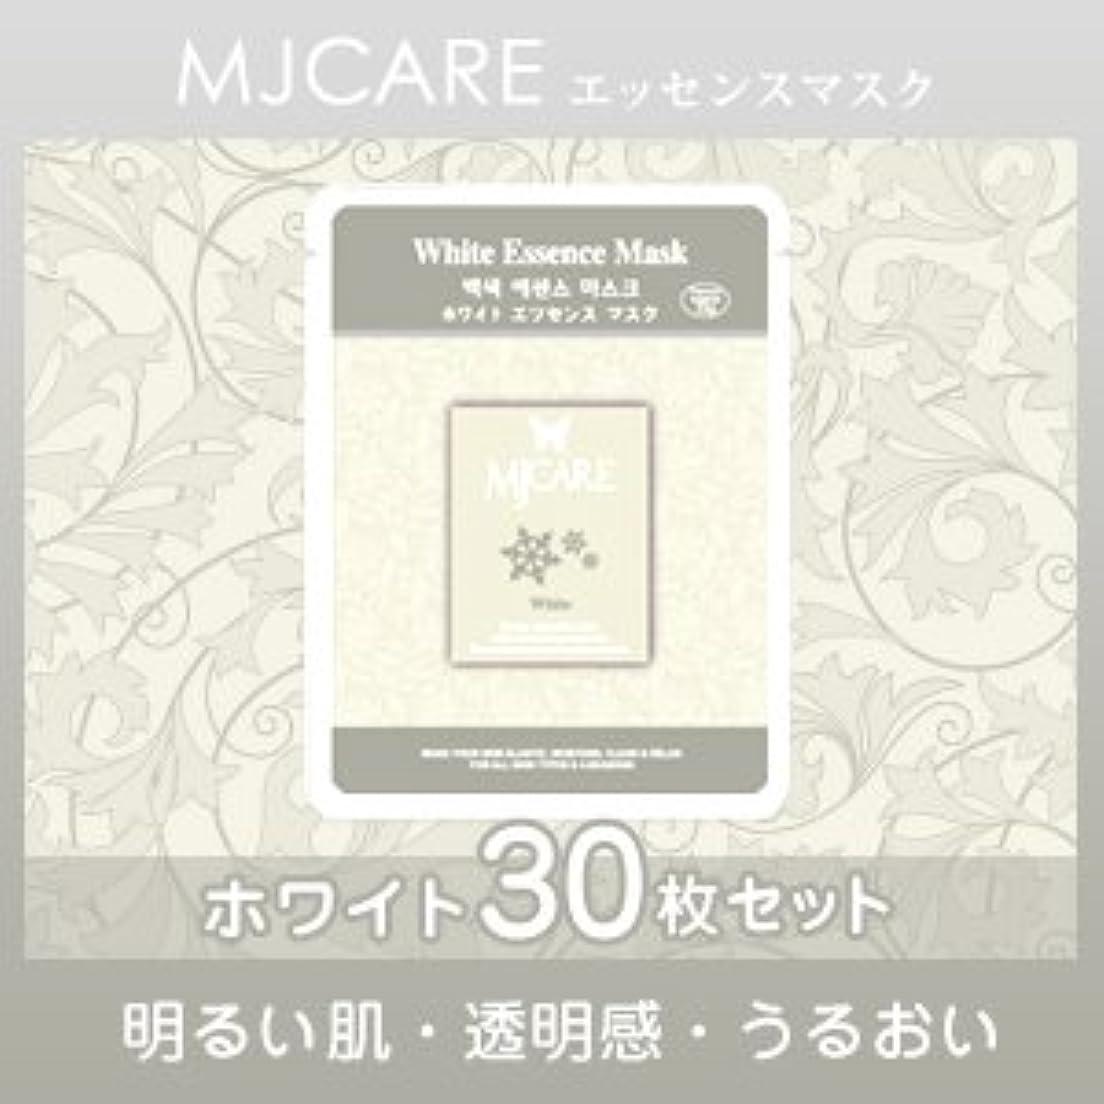 私たち自身不調和避けるMJCARE (エムジェイケア) ホワイト エッセンスマスク 30セット